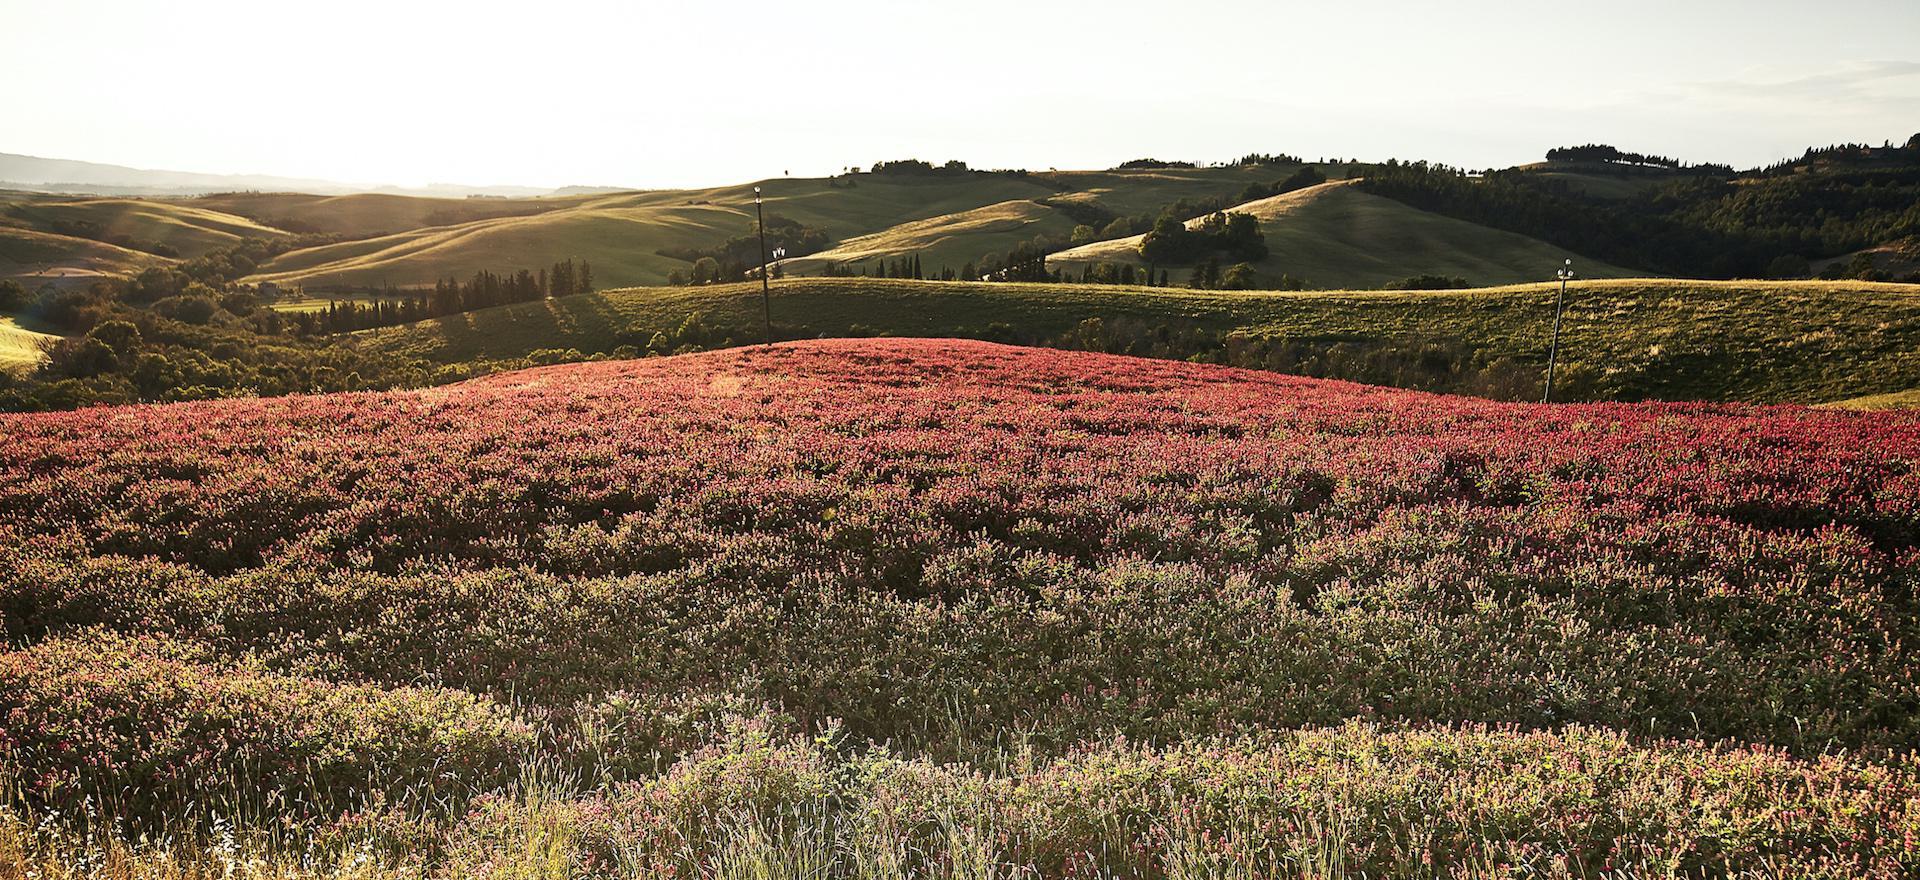 Agriturismo Toscane Kindvriendelijke agriturismo centraal gelegen in Toscane